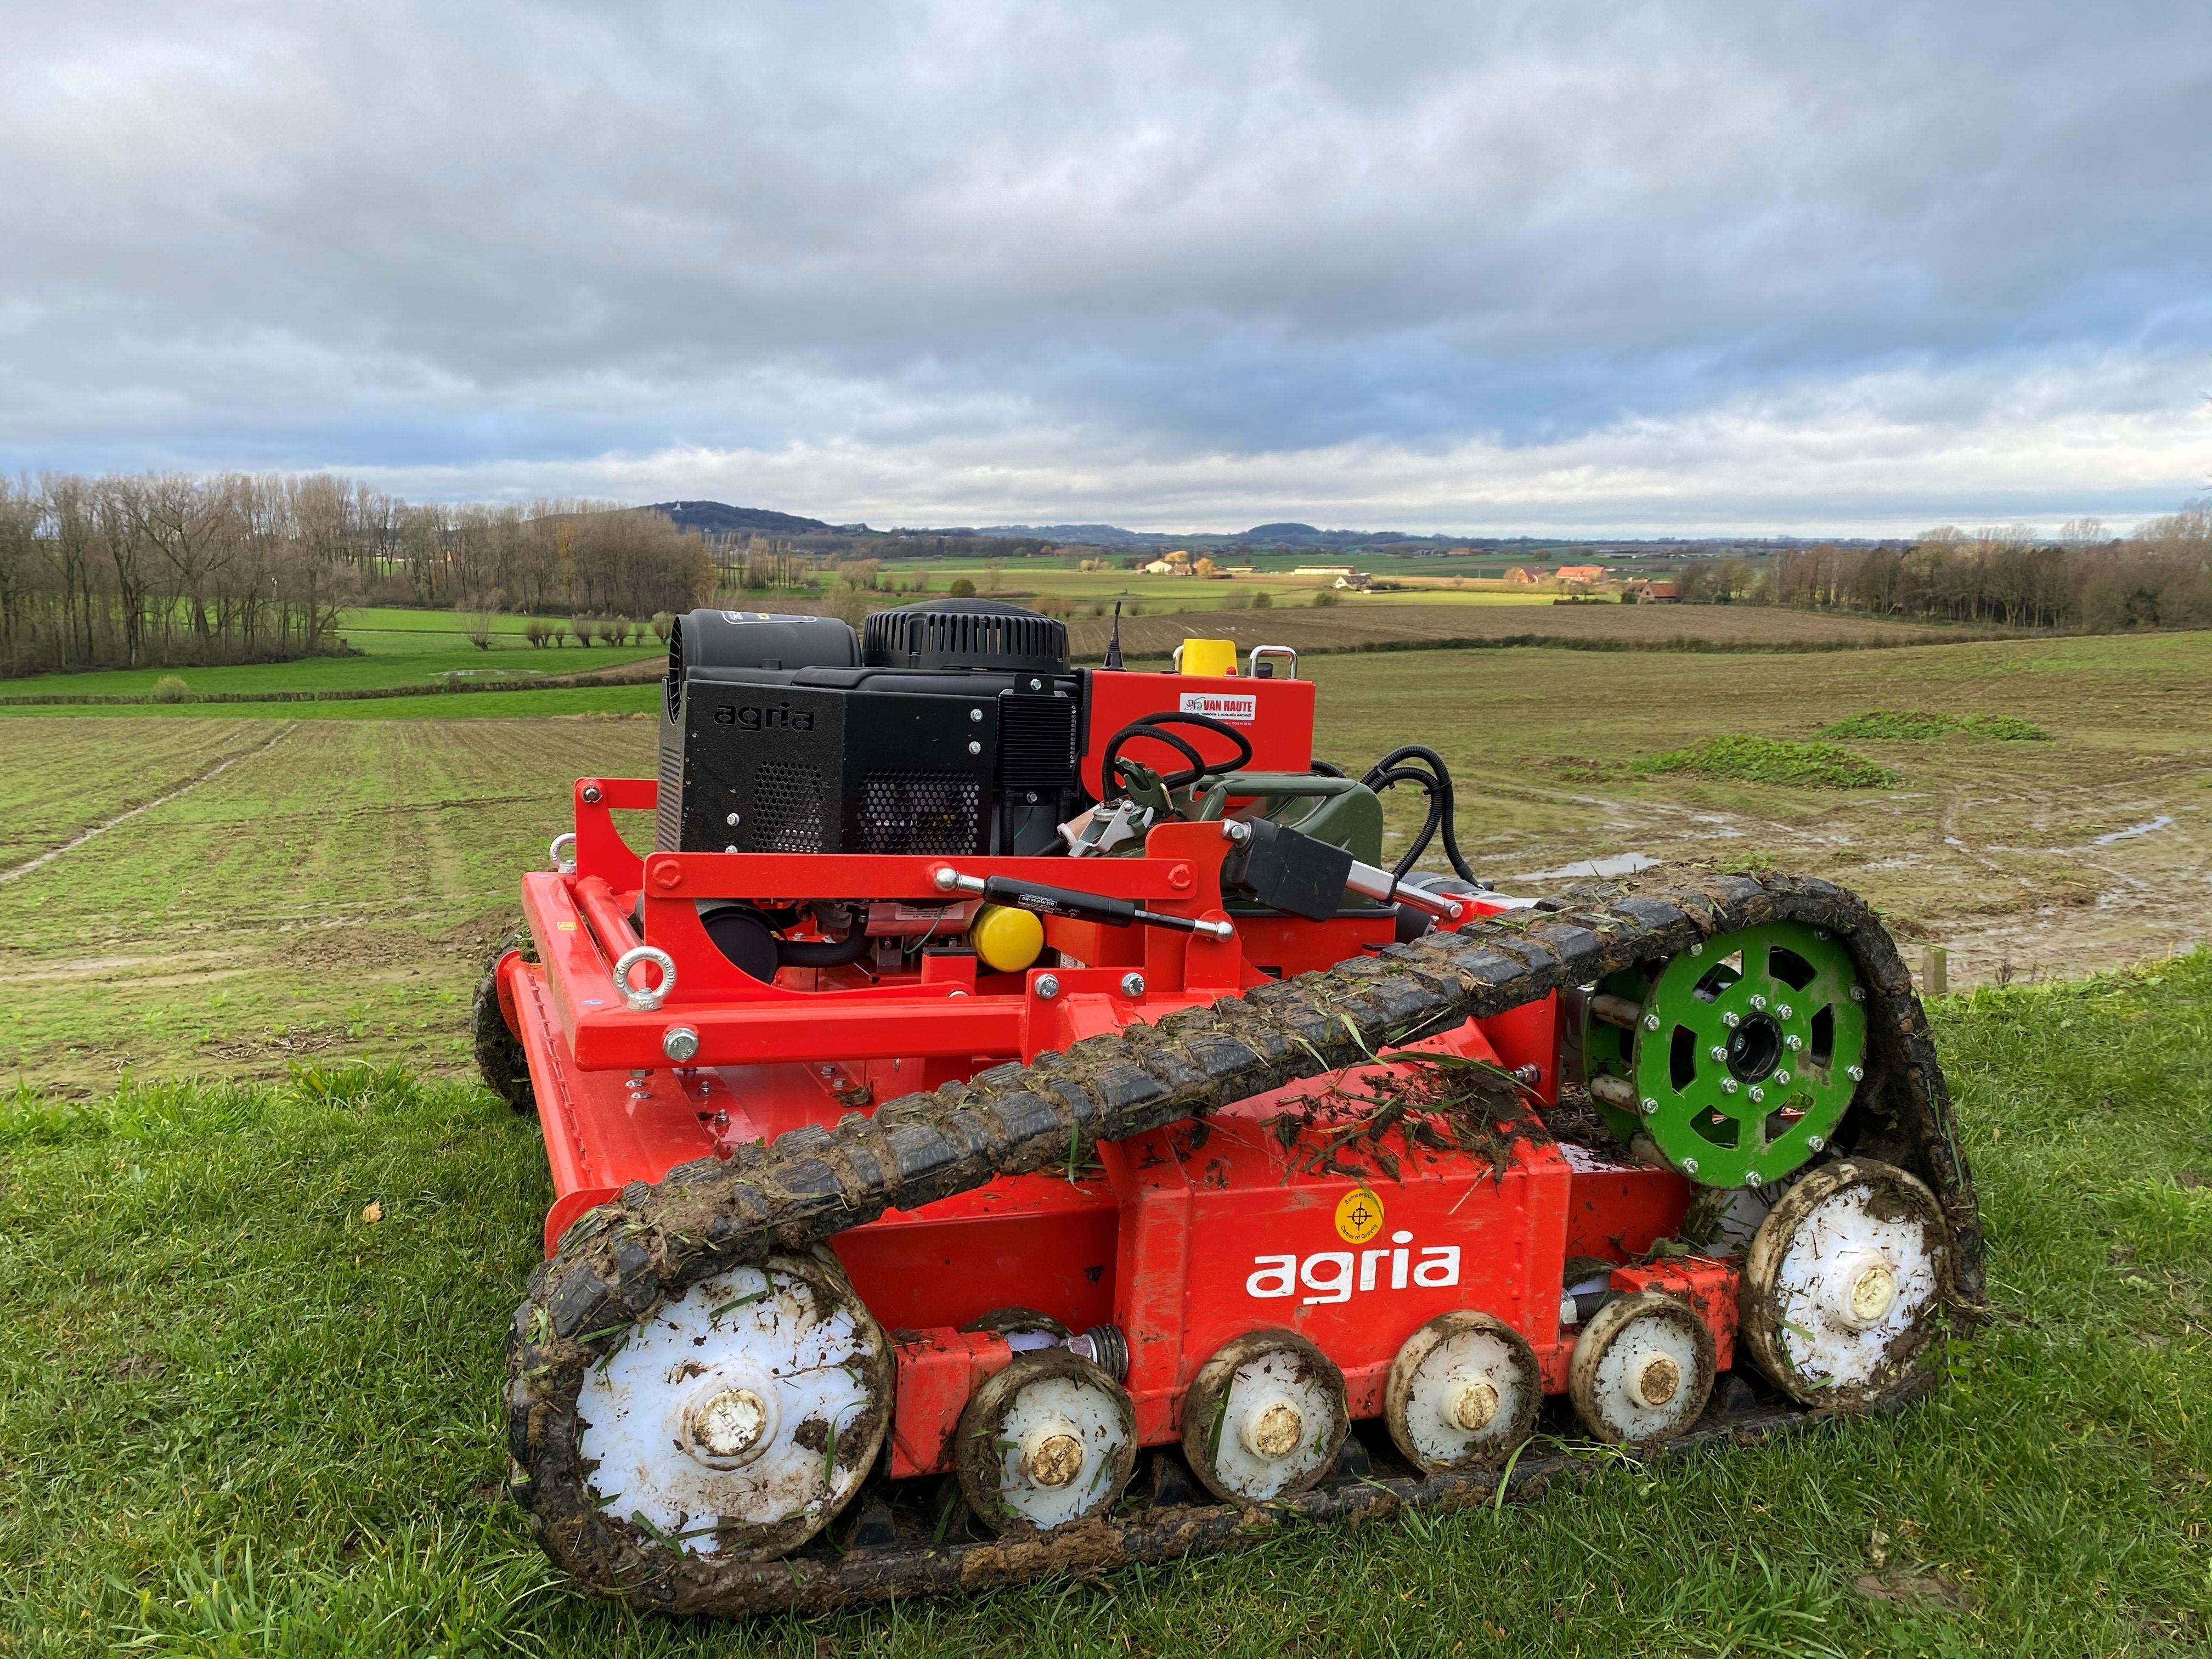 Agria 9600-112 2020 kawasaki motor